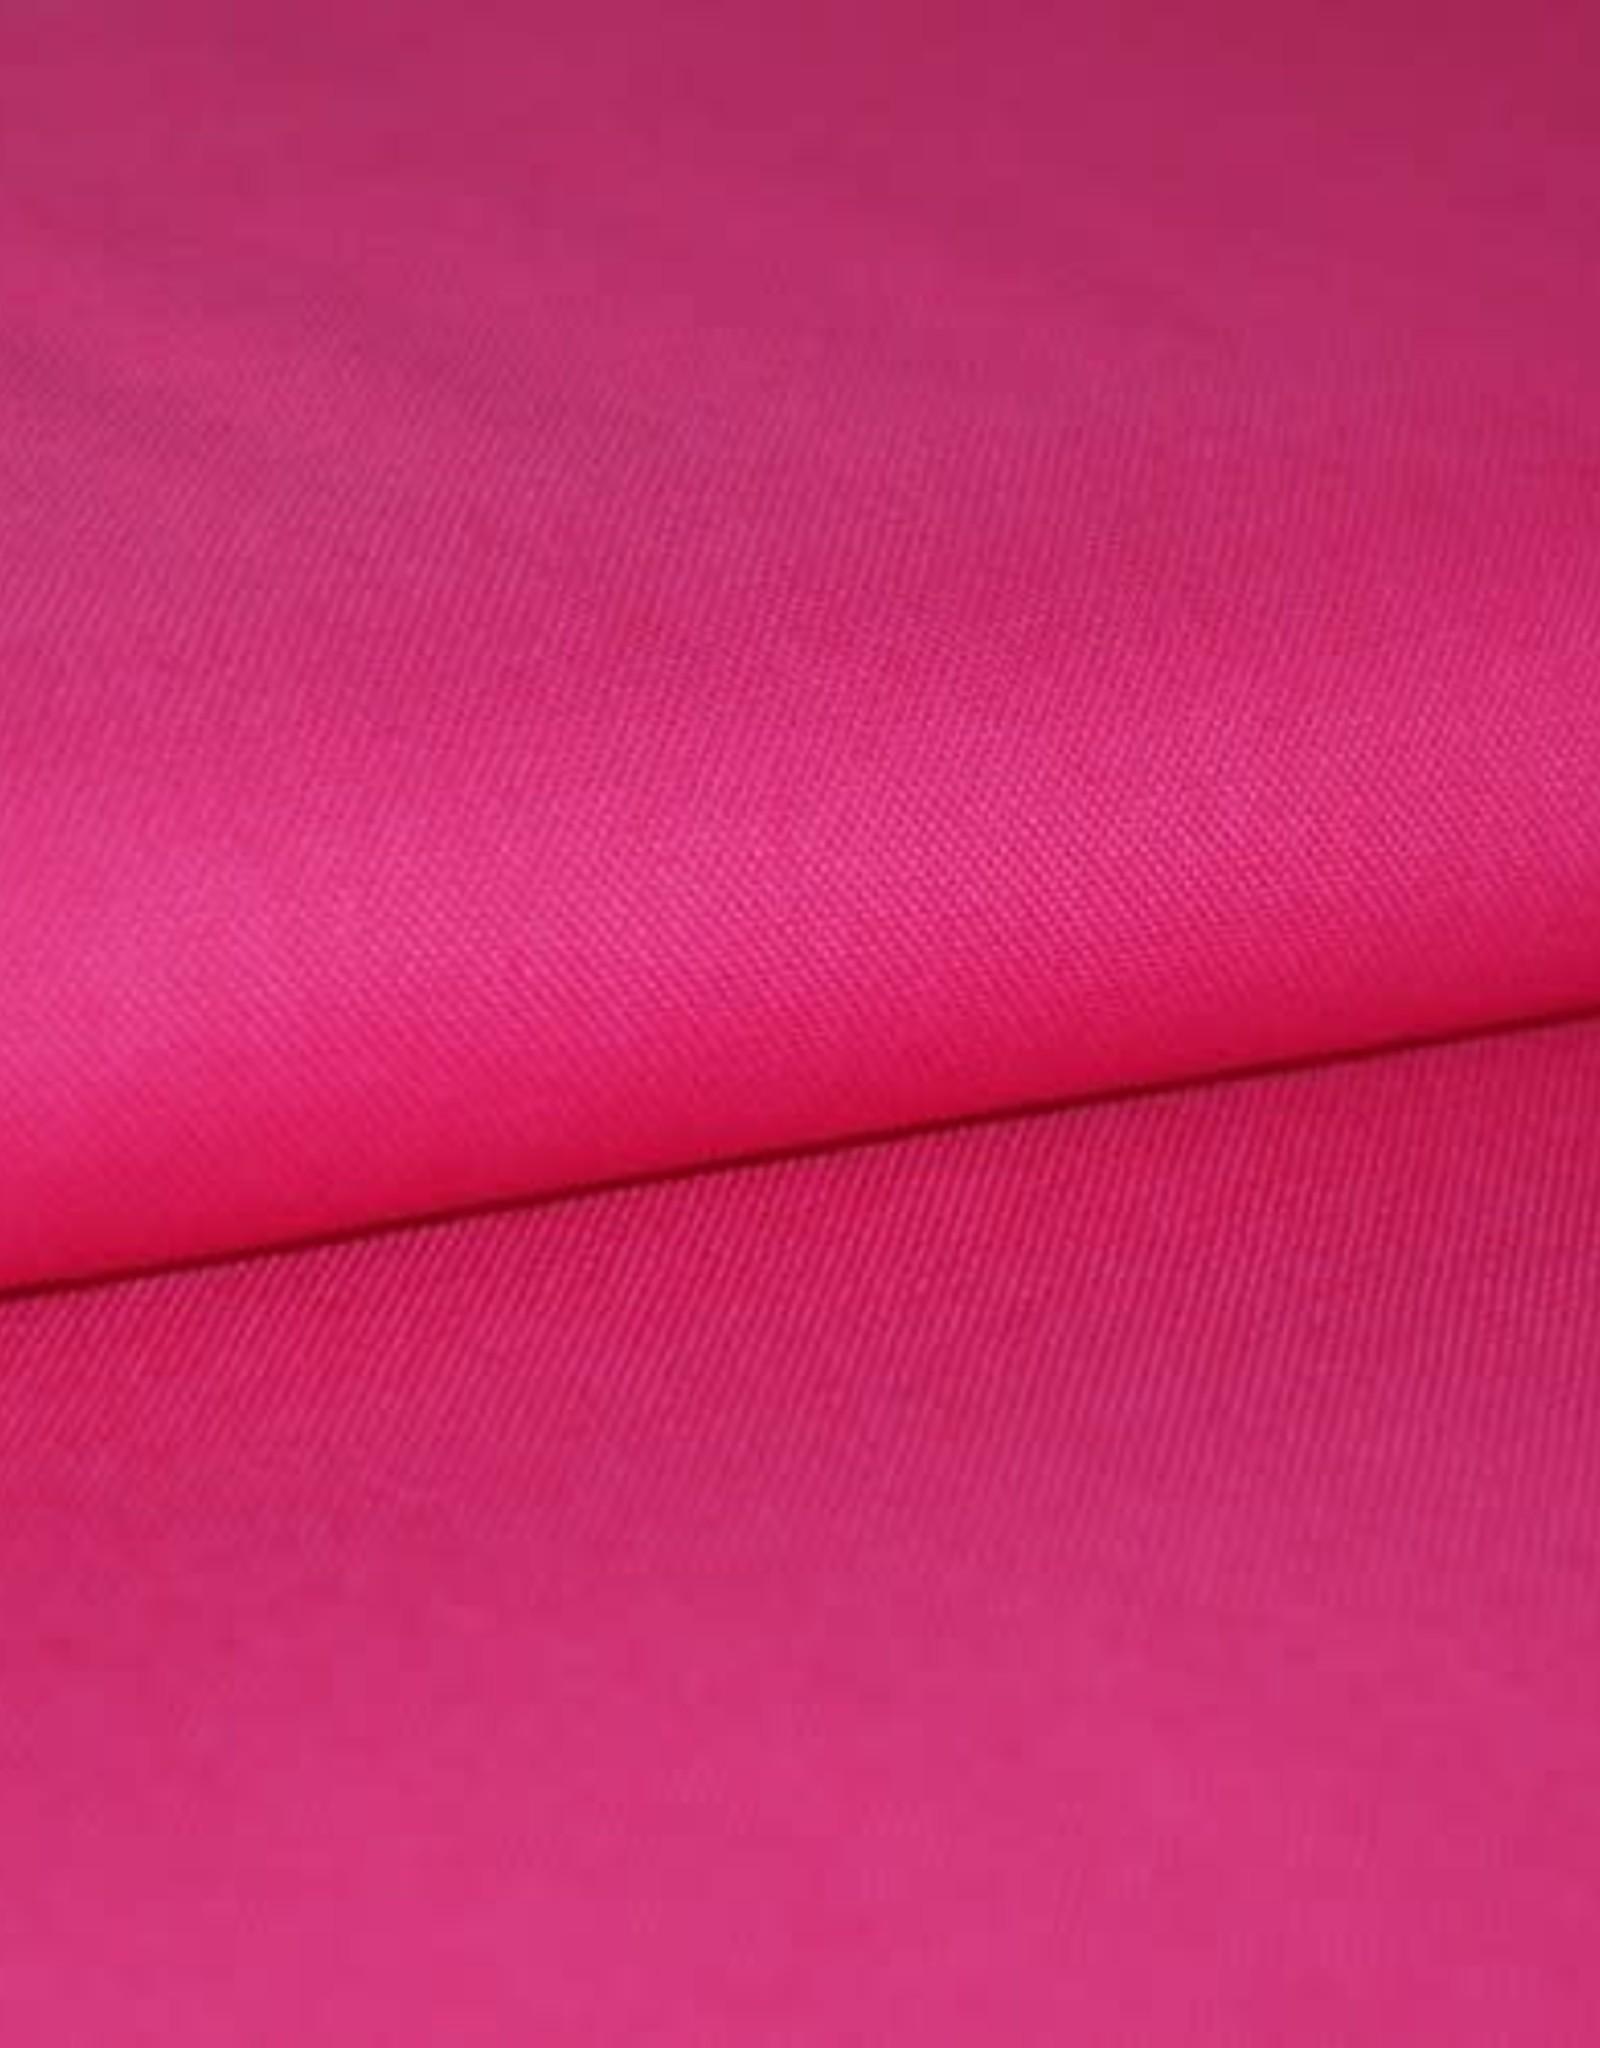 Stik-Stof Roze canvas